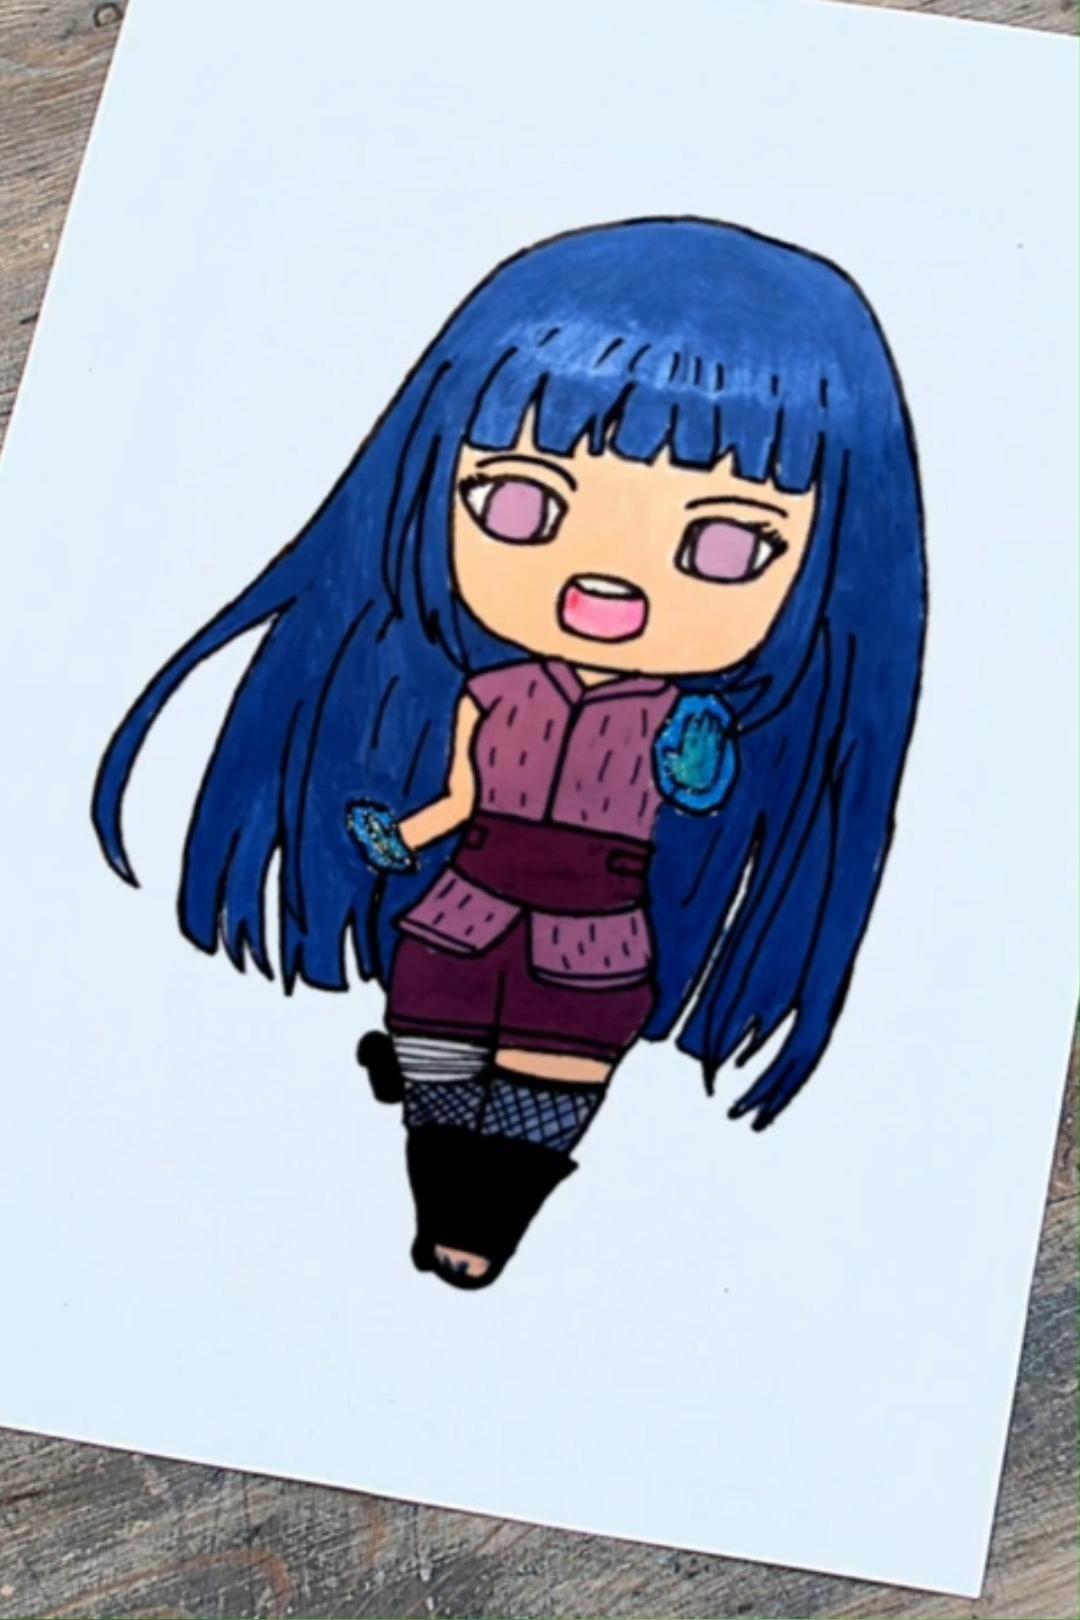 Drawing Hinata Hyuga from Naruto in my style | Hinata Hyuga chibi drawing | Anime Art Aesthetic